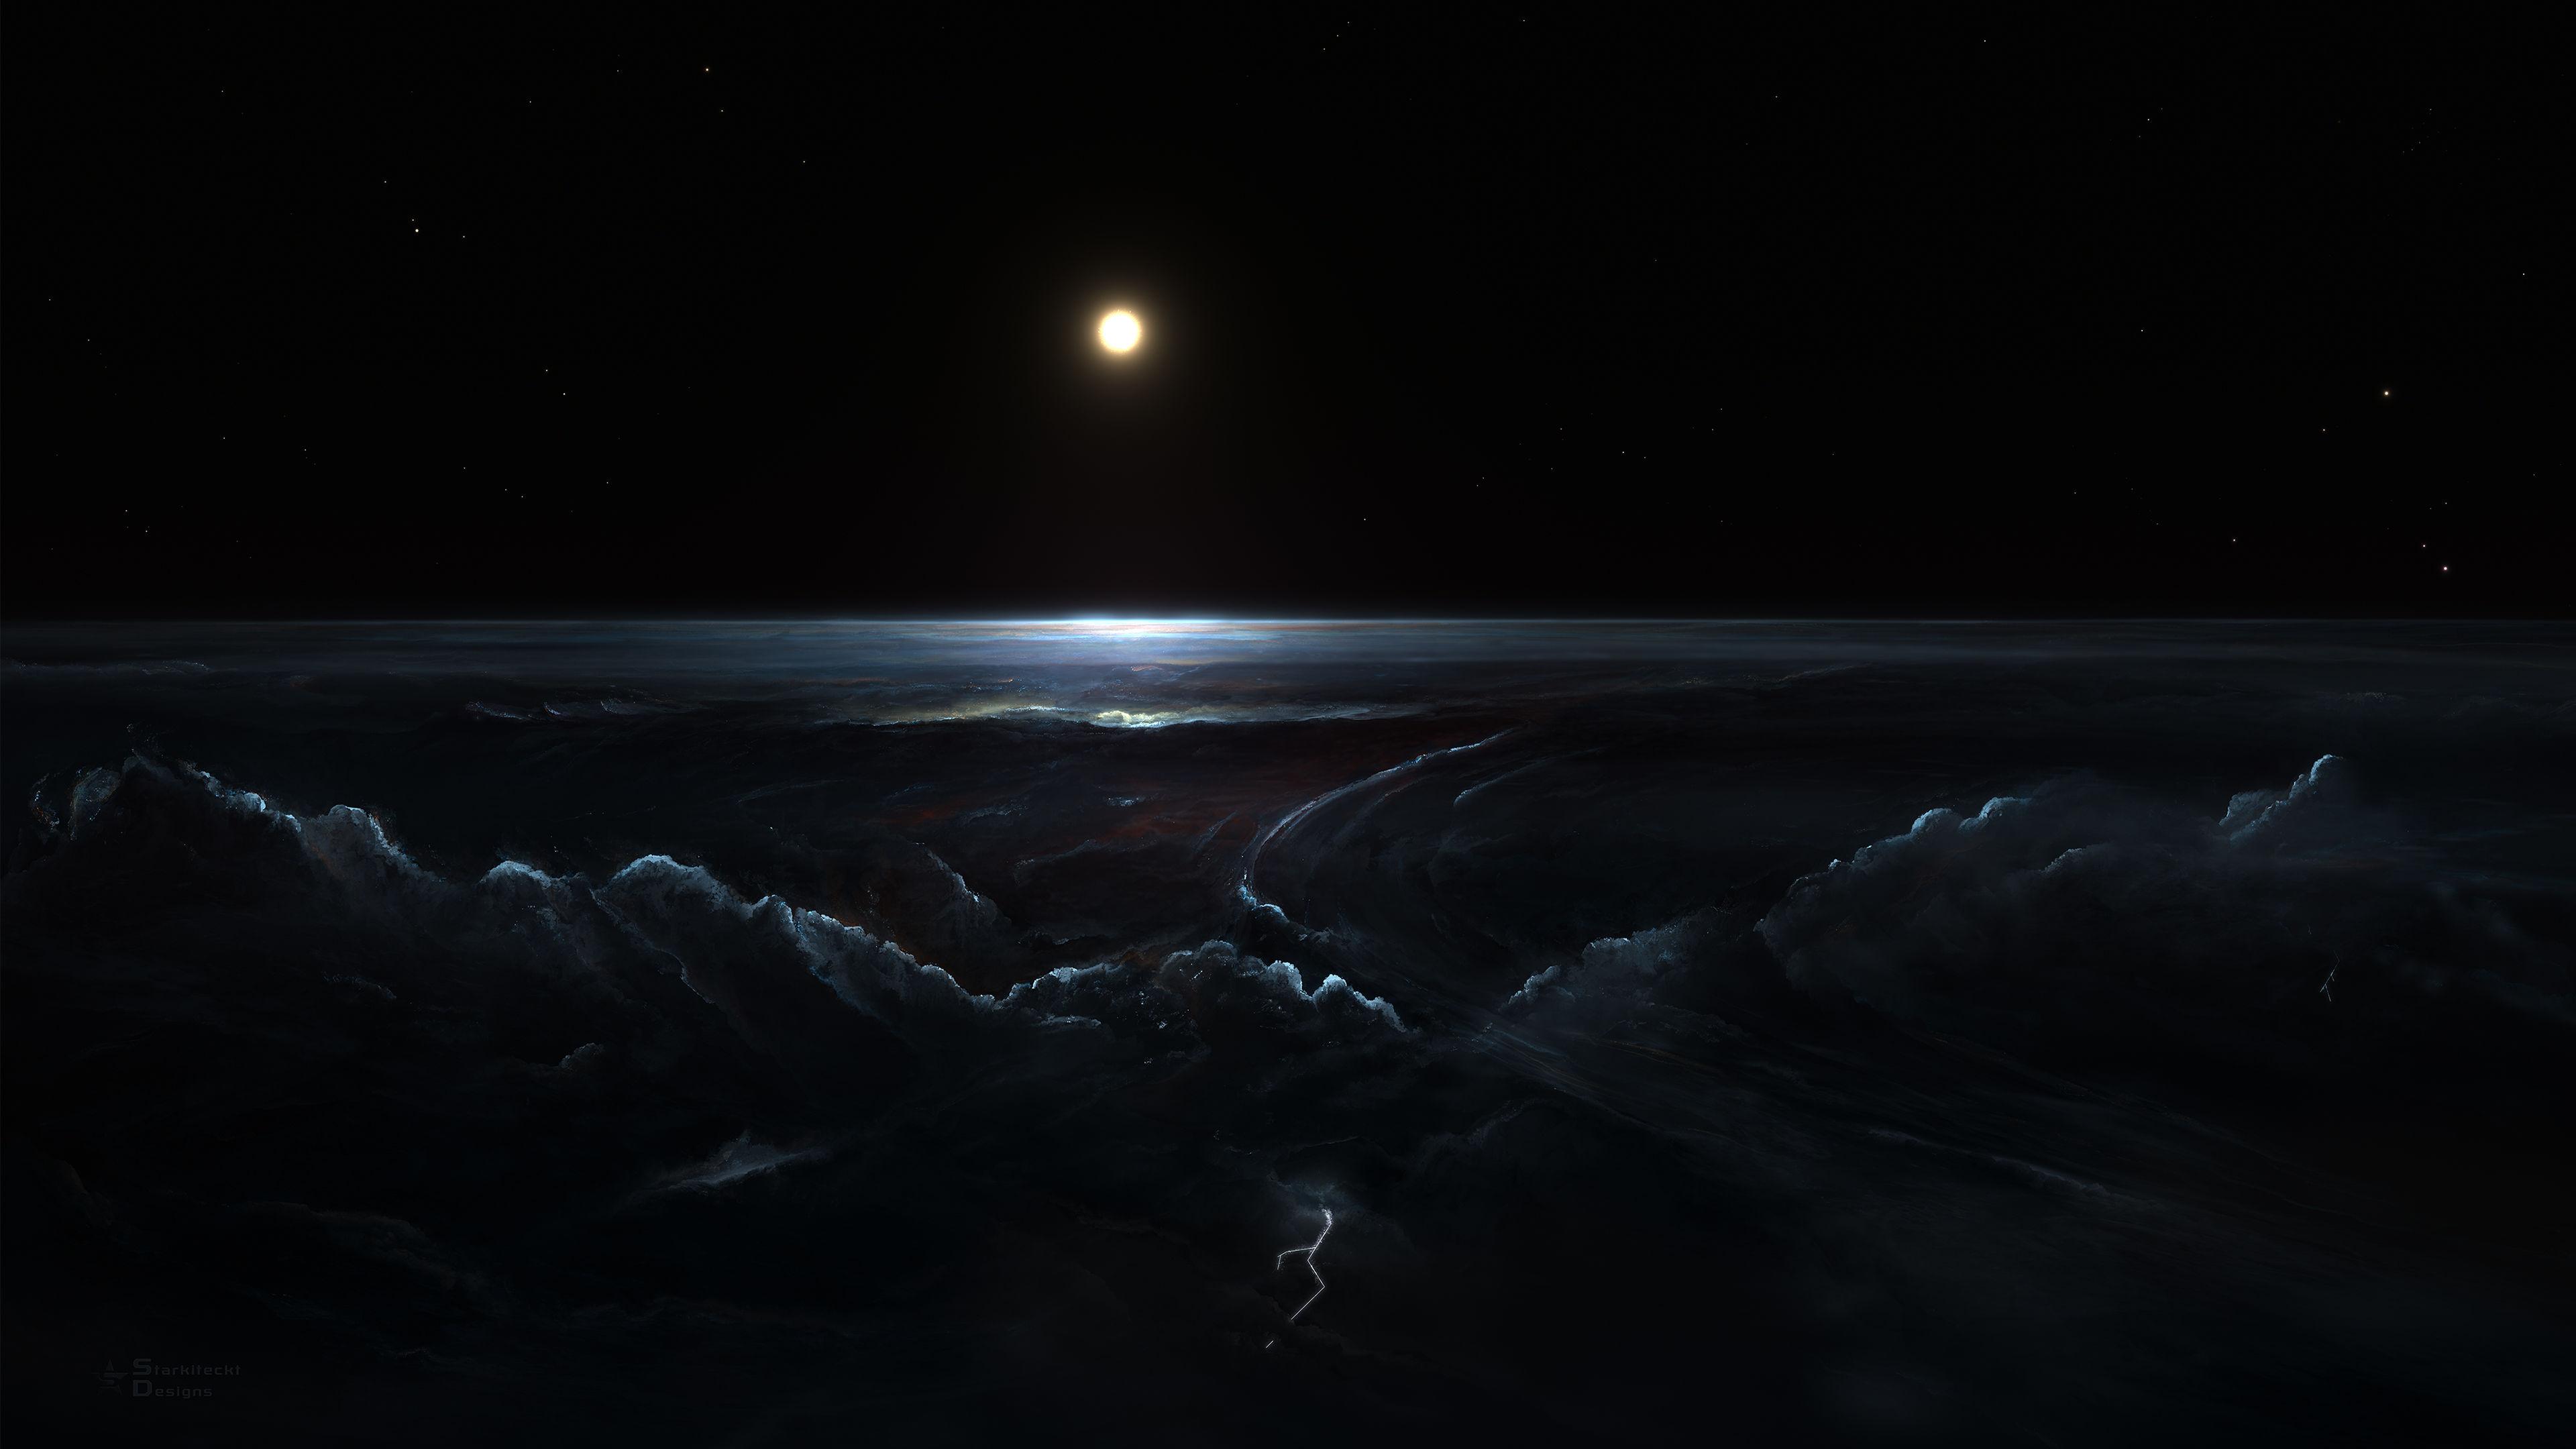 Dark Space Wallpaper: 10 Beautiful 4K Wallpapers #6